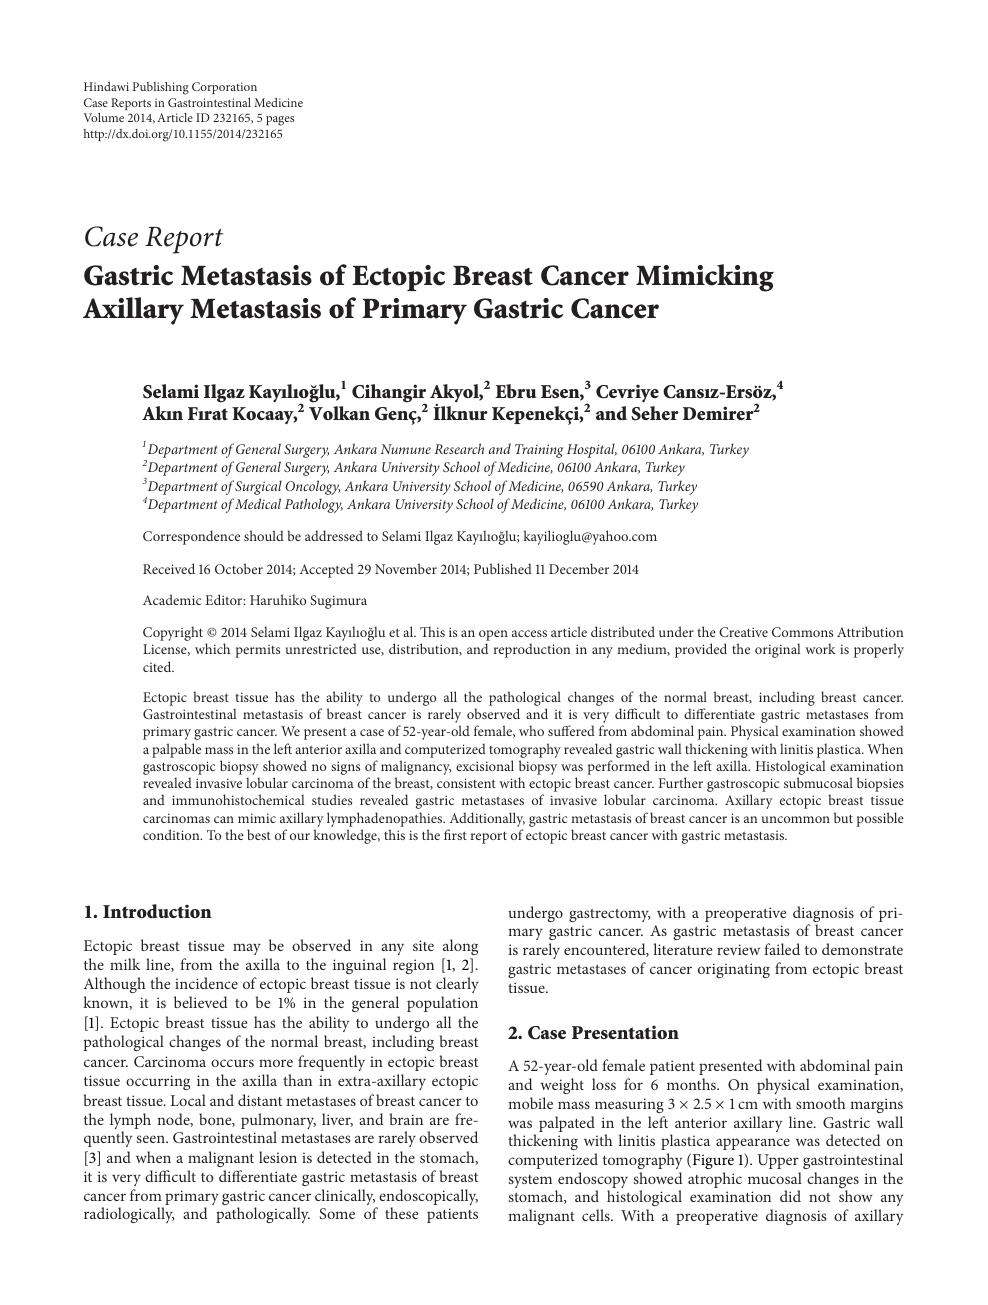 gastric cancer case presentation)